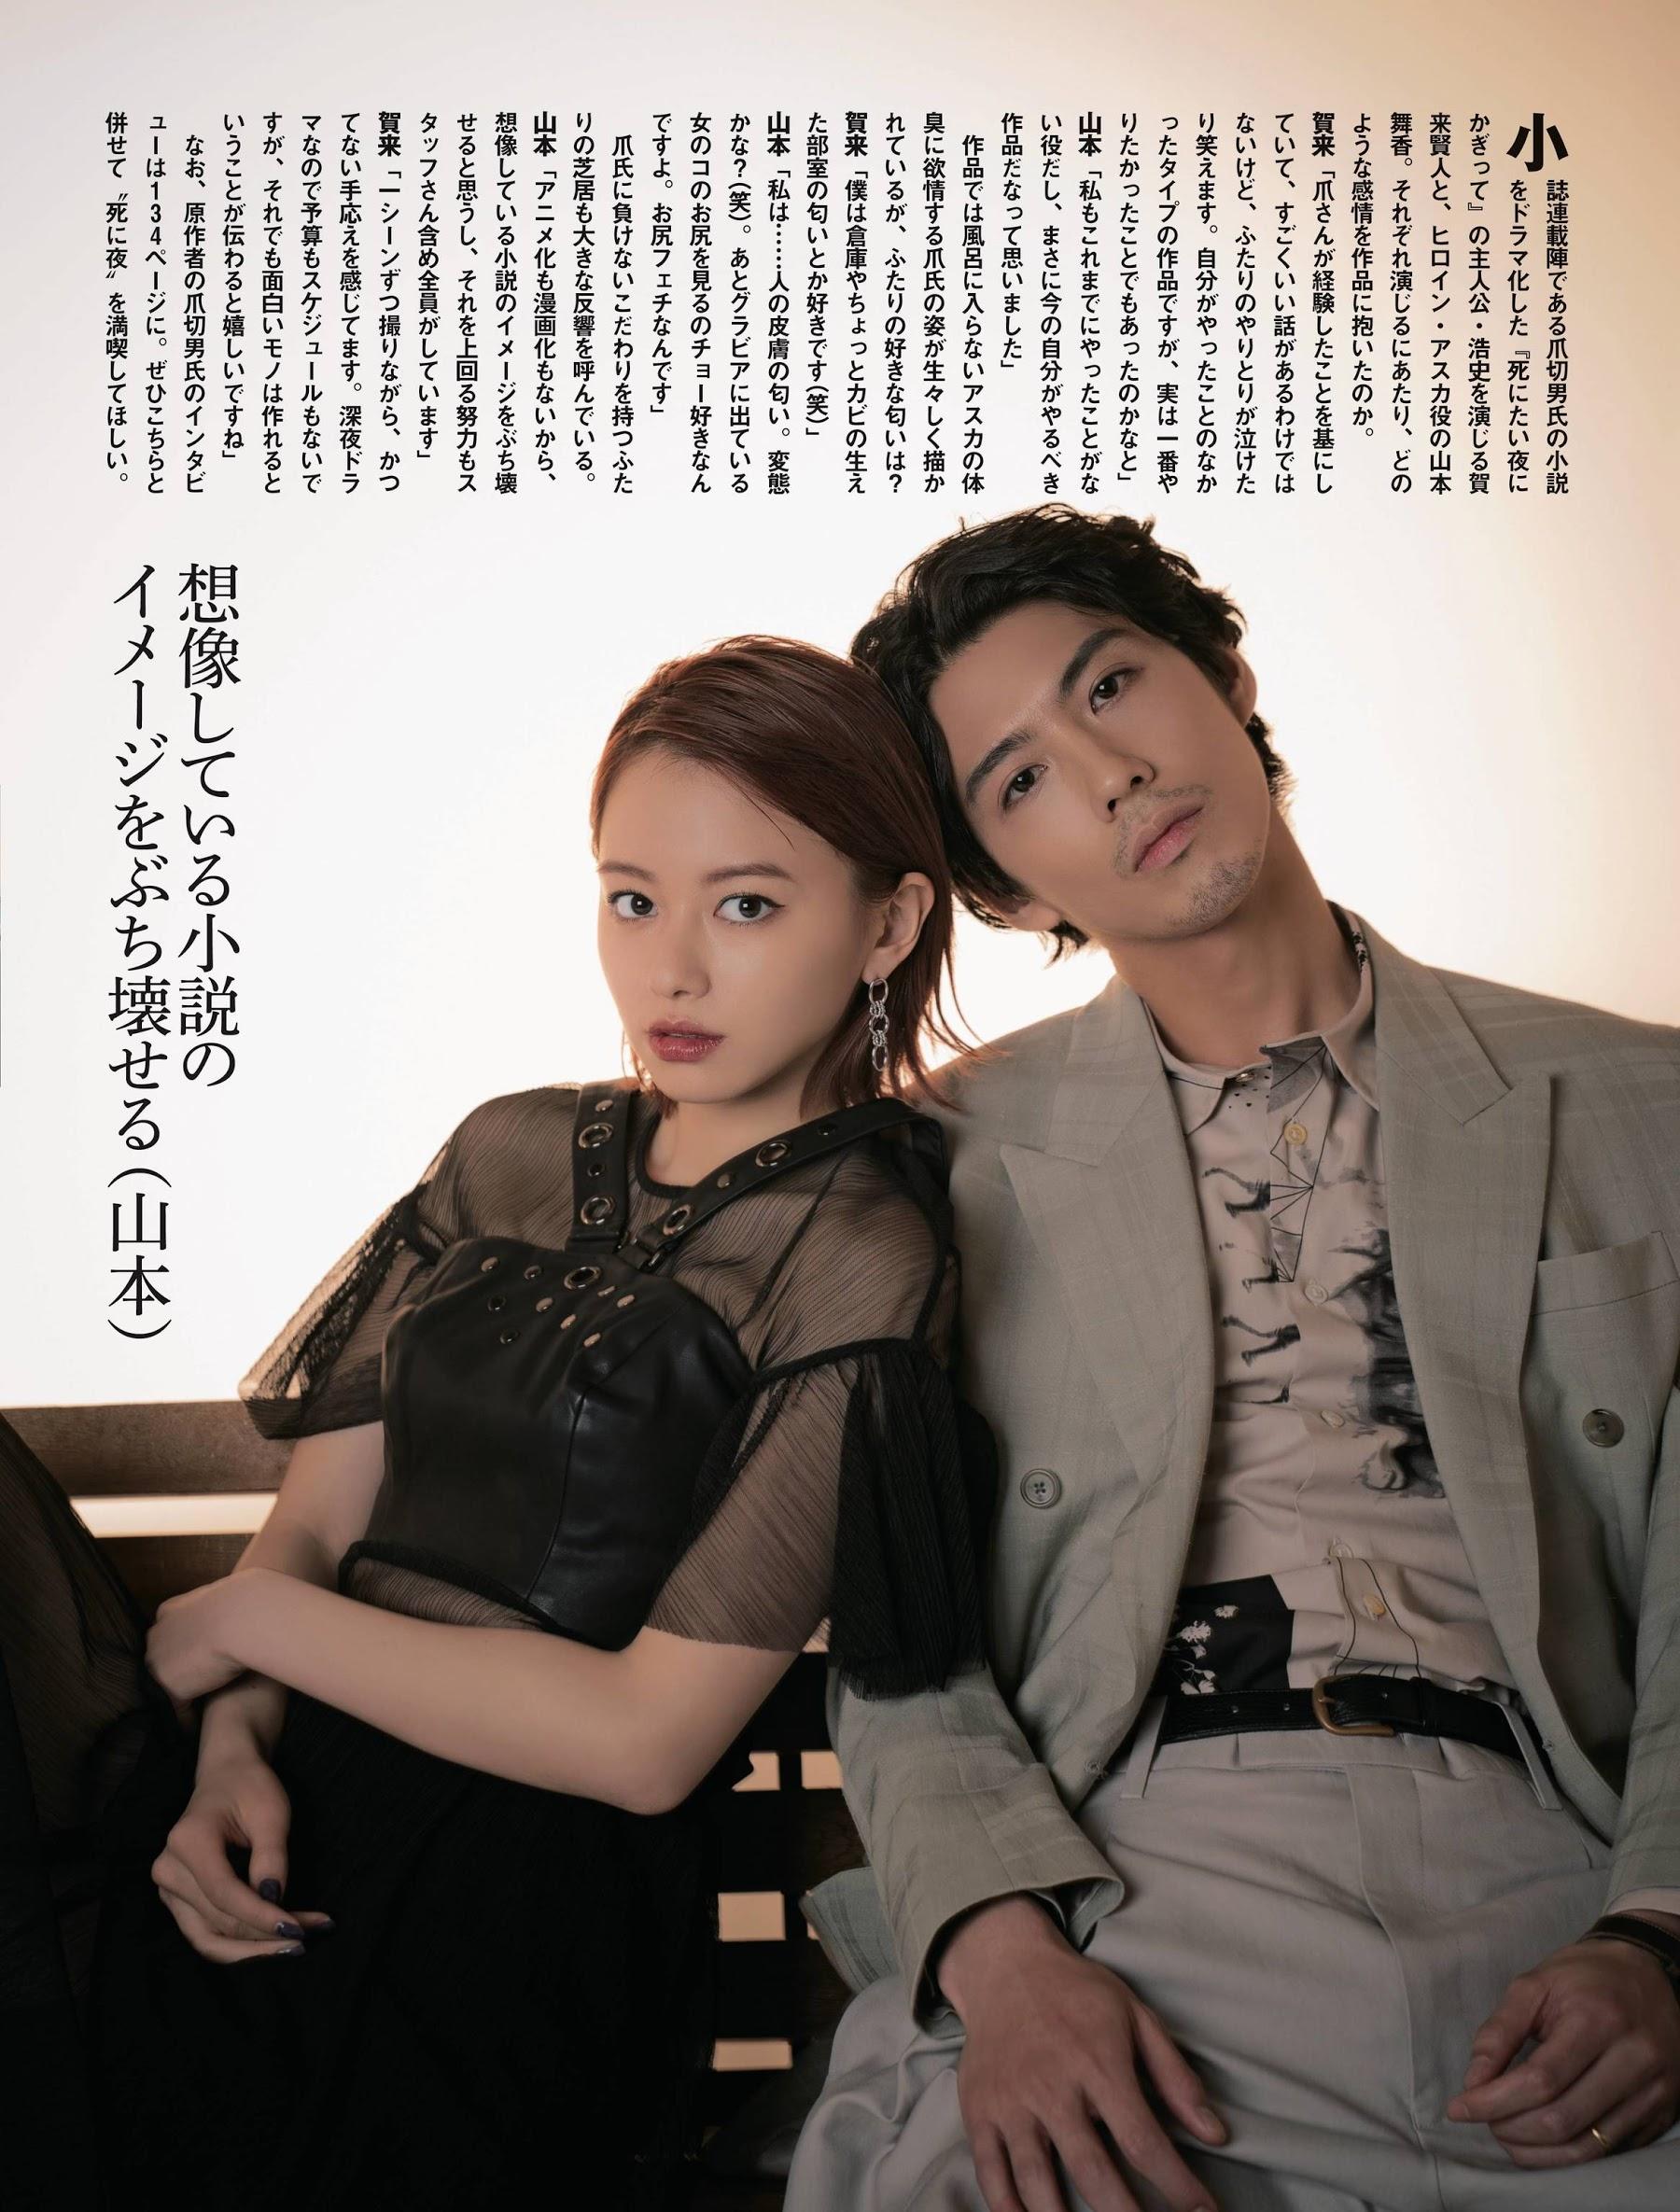 WEEKLY SPA! 2020.03.10 贺来贤人&山本舞香